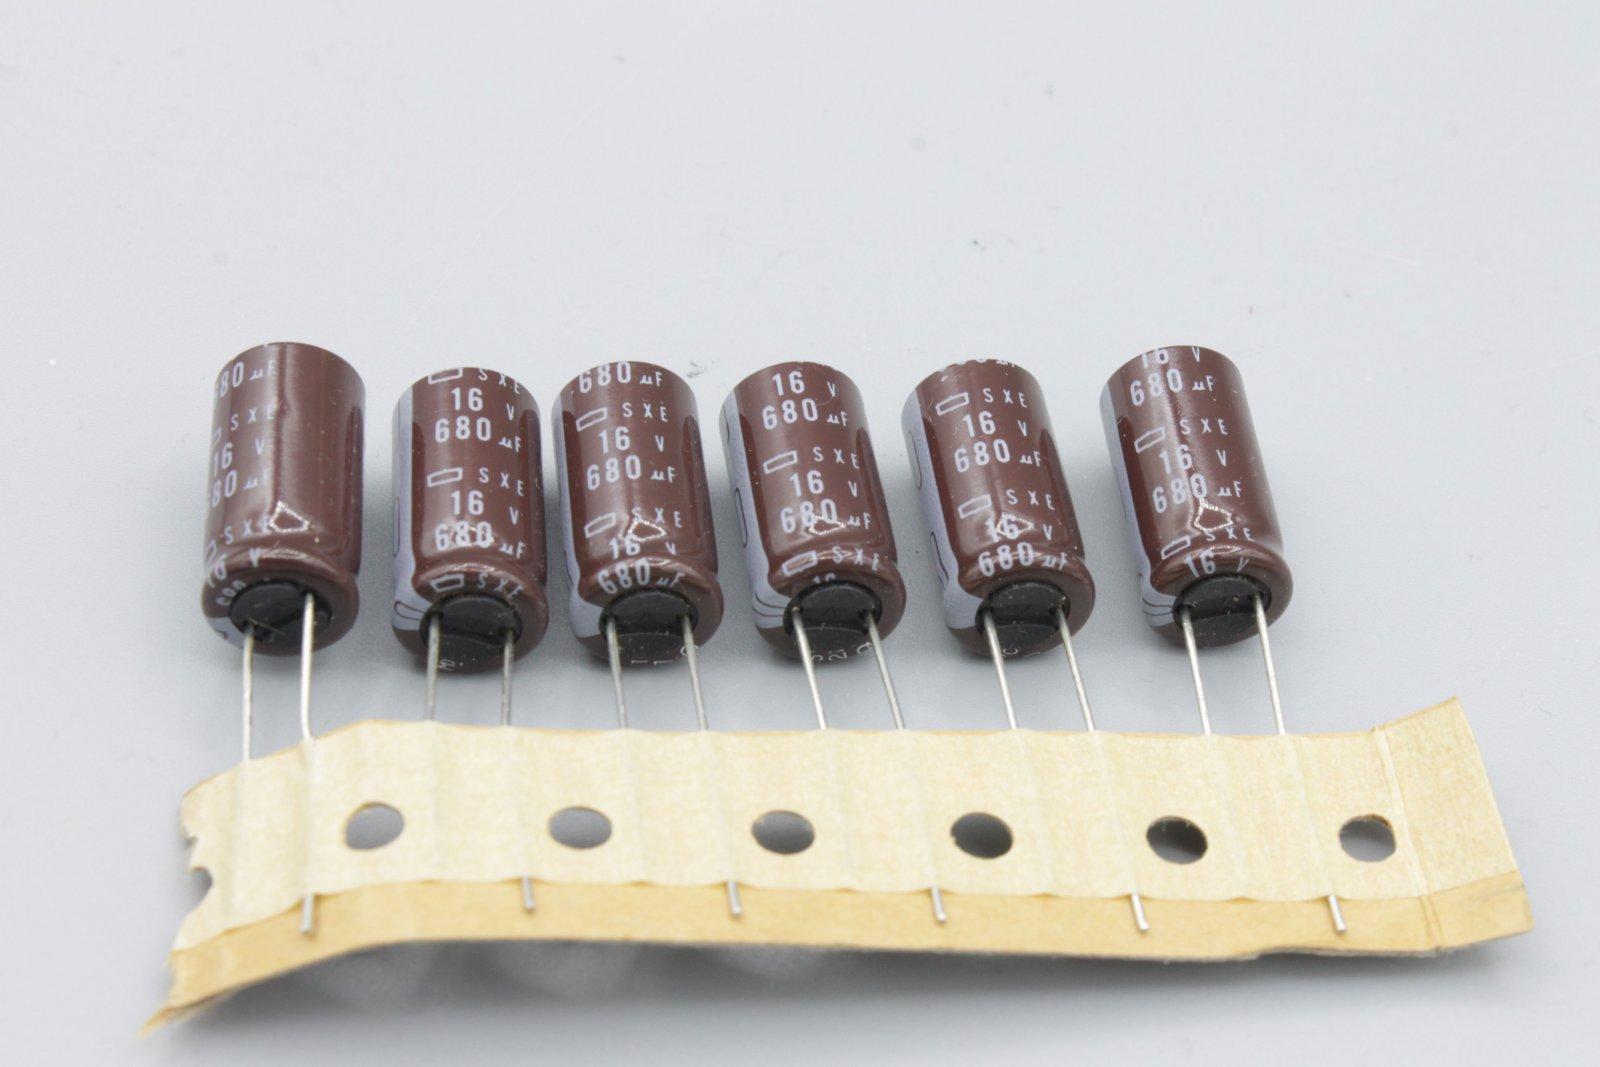 Elko 680µ 16V radial